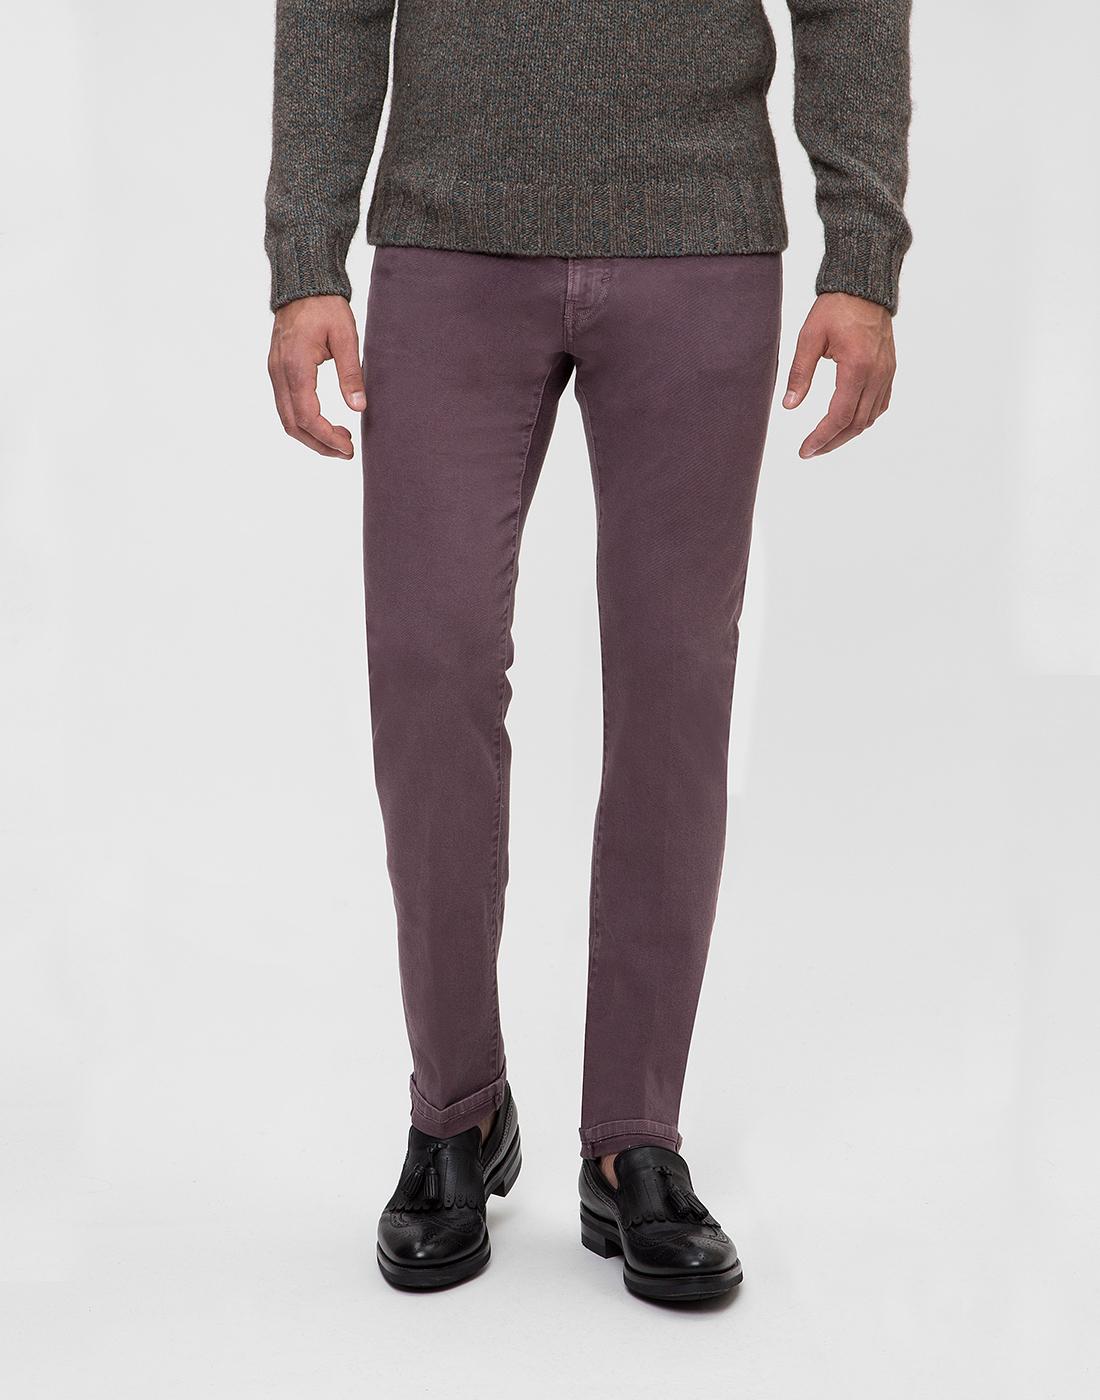 Мужские светло-фиолетовые джинсы PT SOA12 0786-2